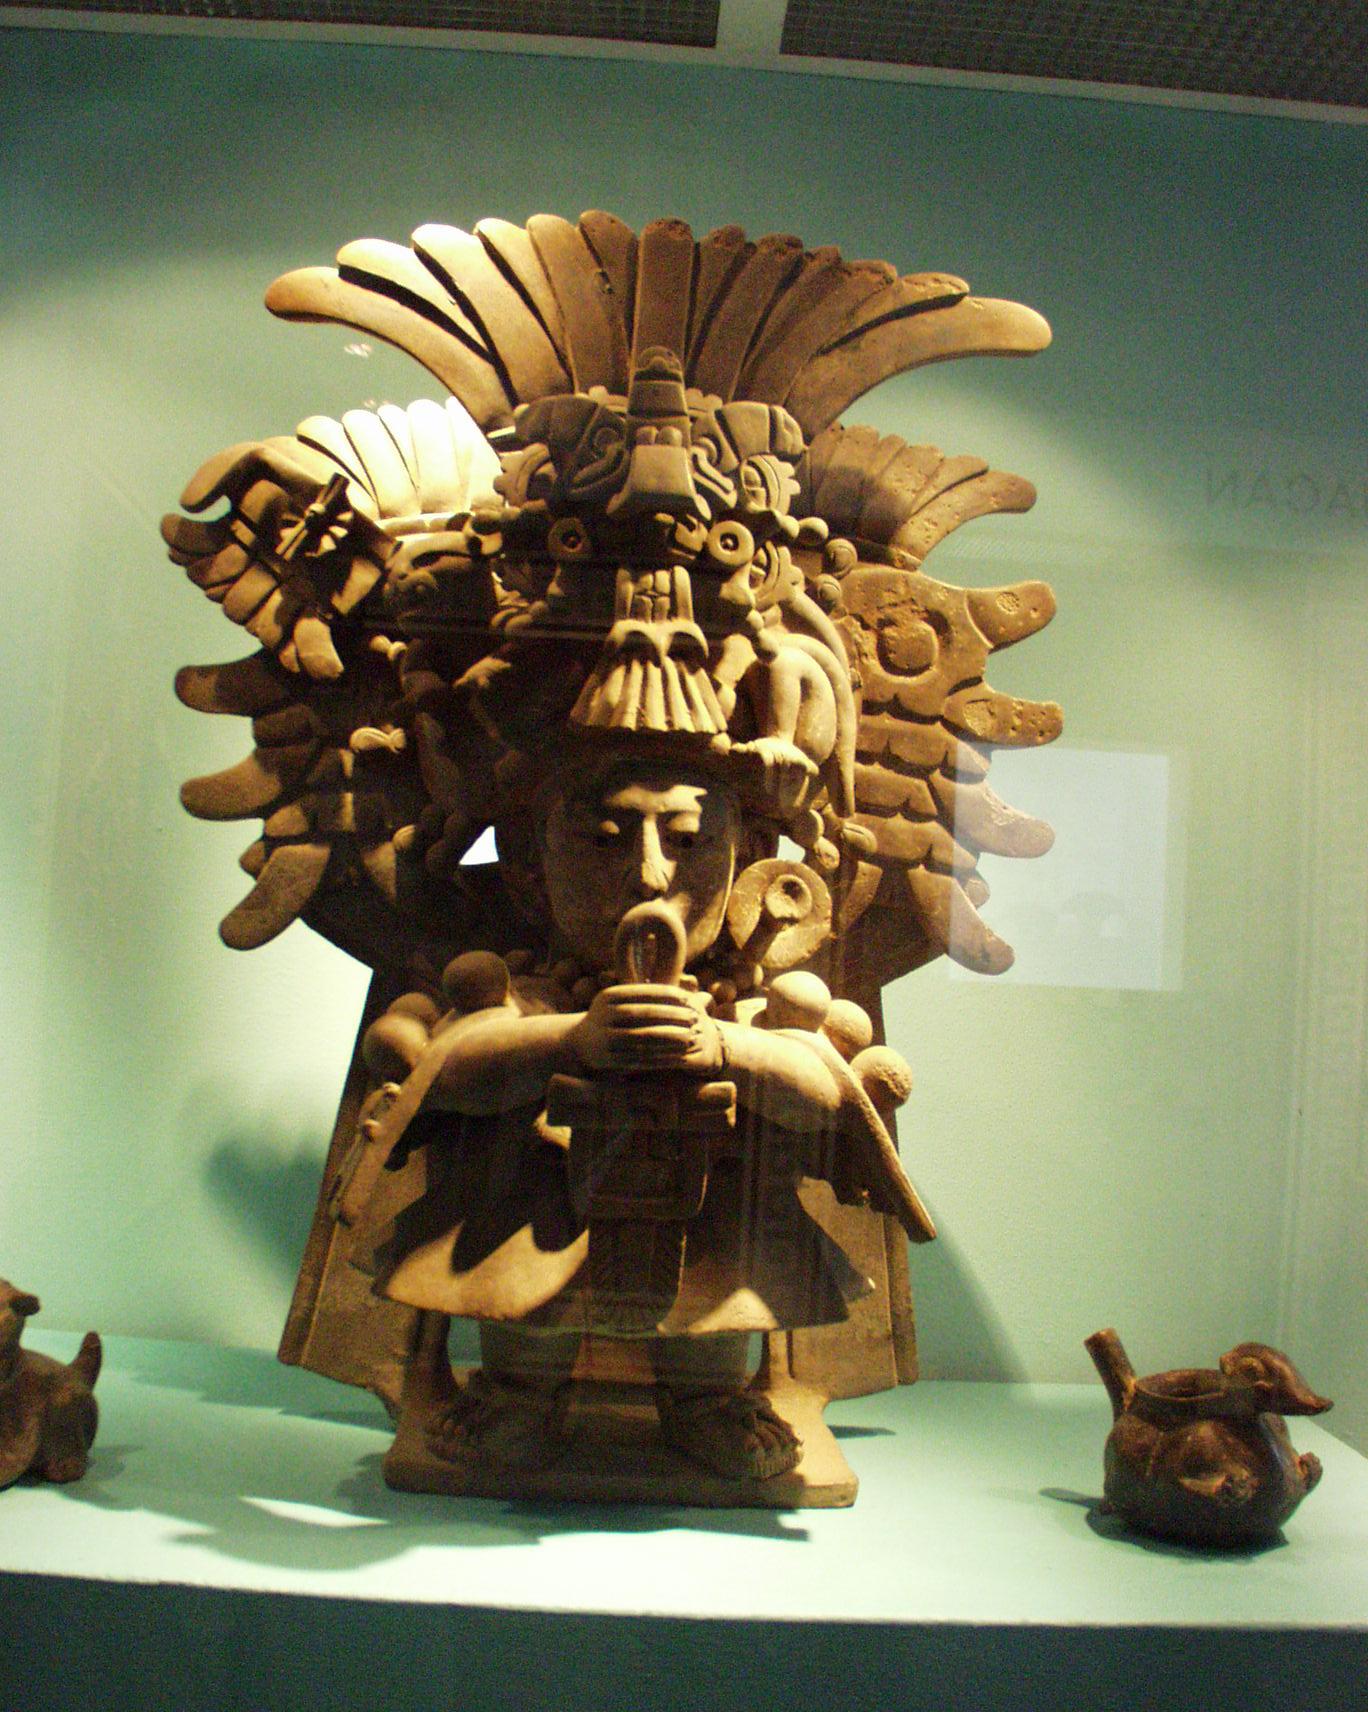 Imagenes Museo Amparo Puebla File:puebla Museo Amparo